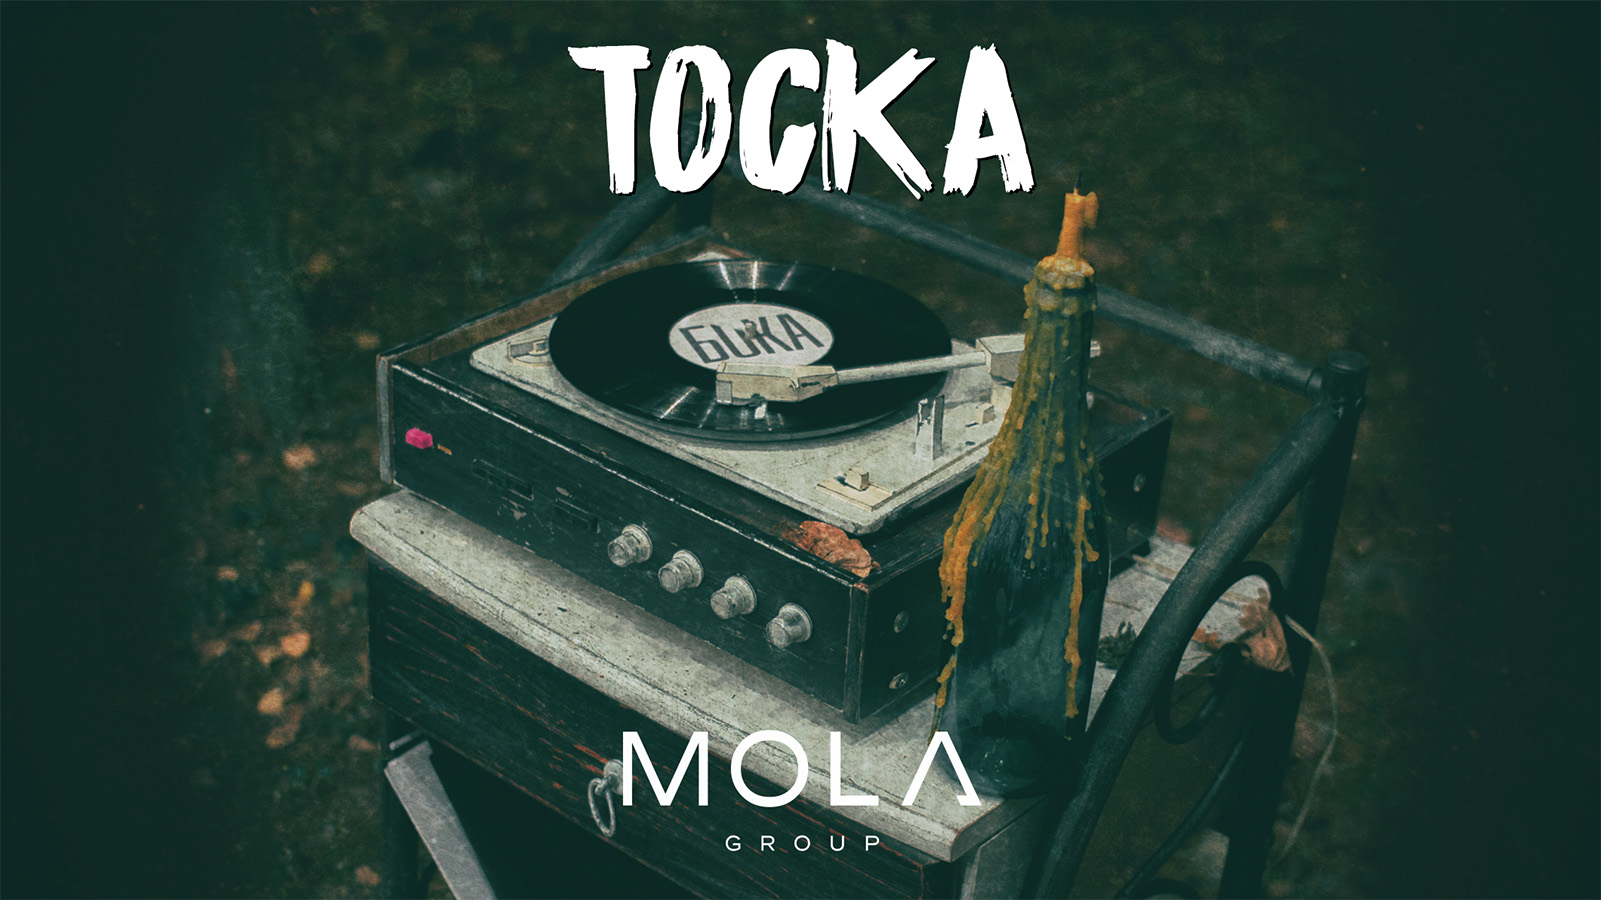 БUKA - Тоска